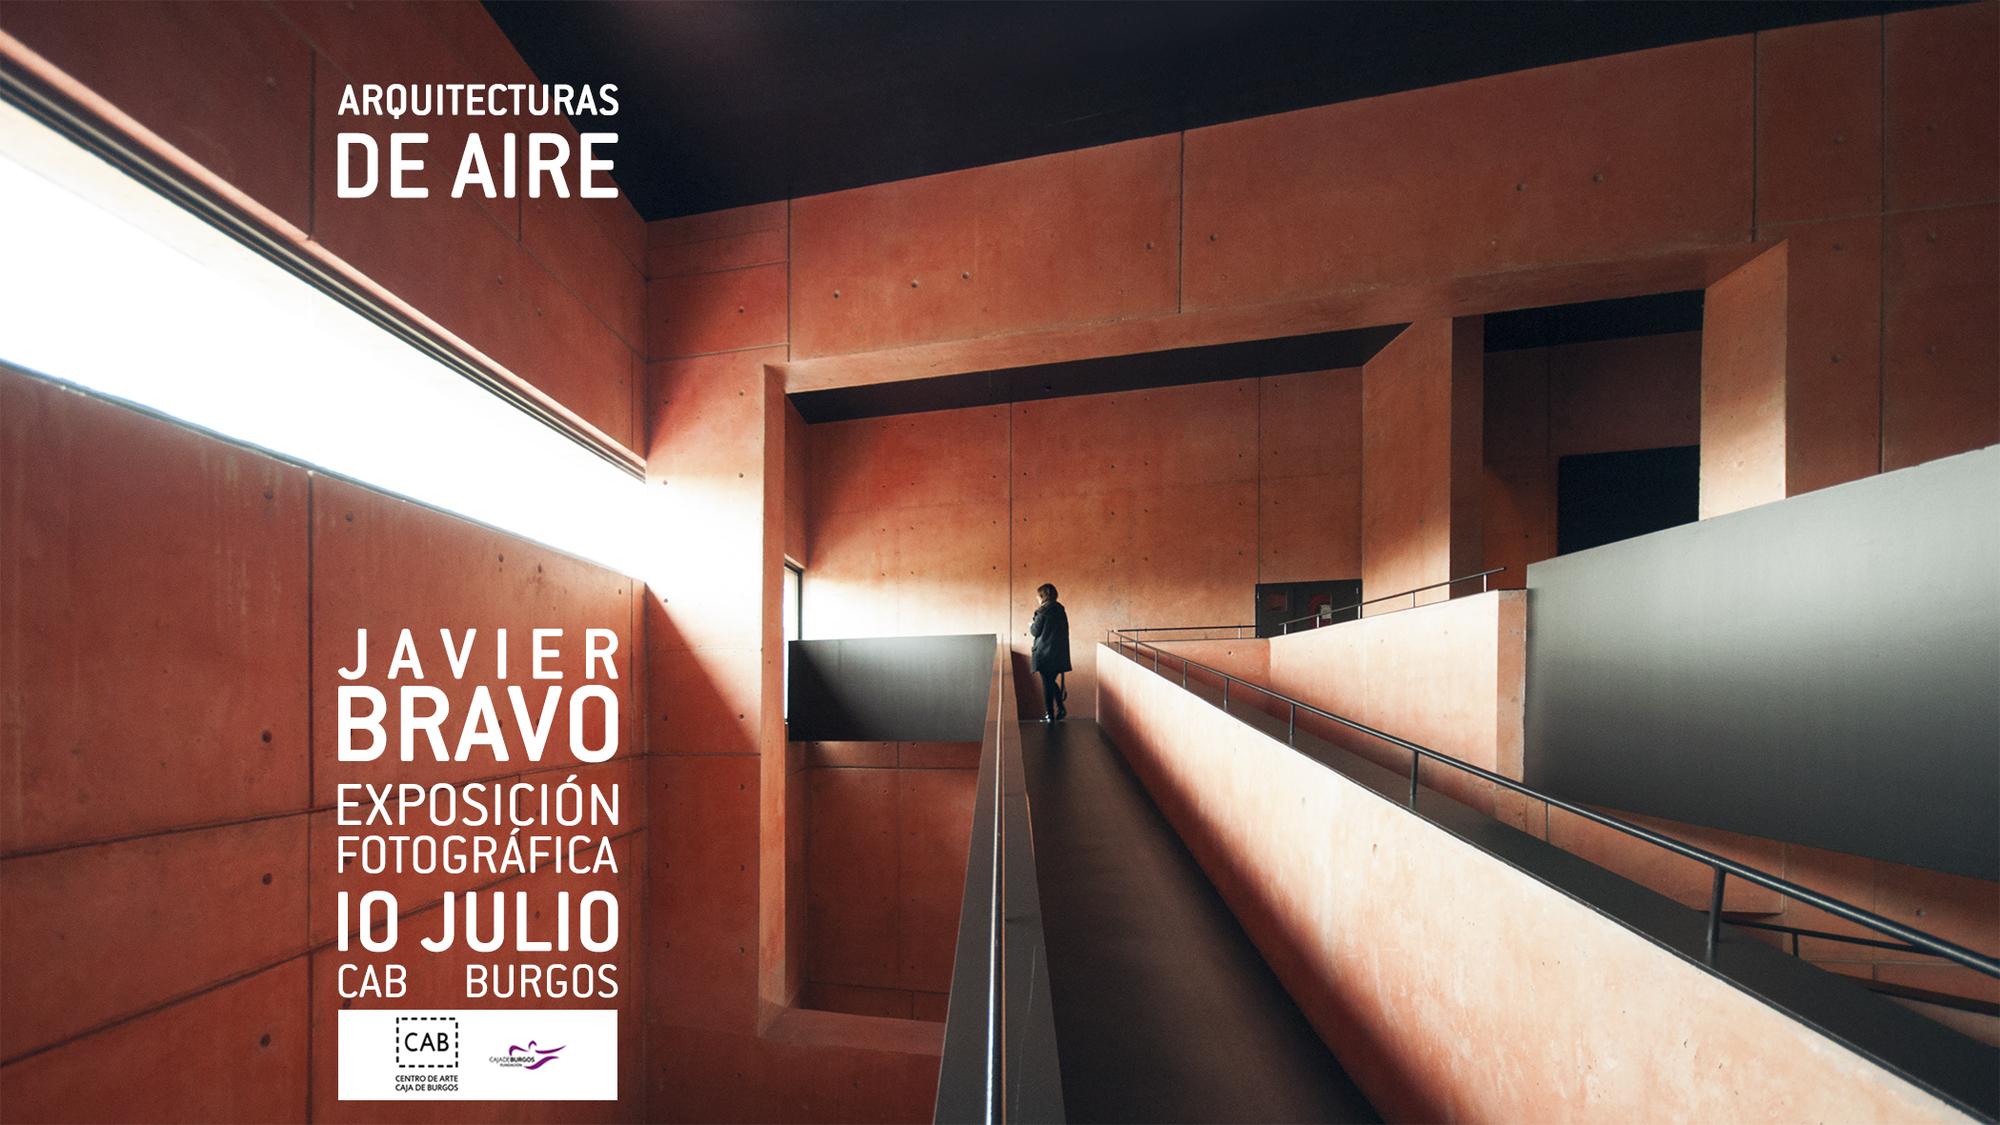 'Arquitecturas de aire', exposición de Javier Bravo en CAB / Burgos